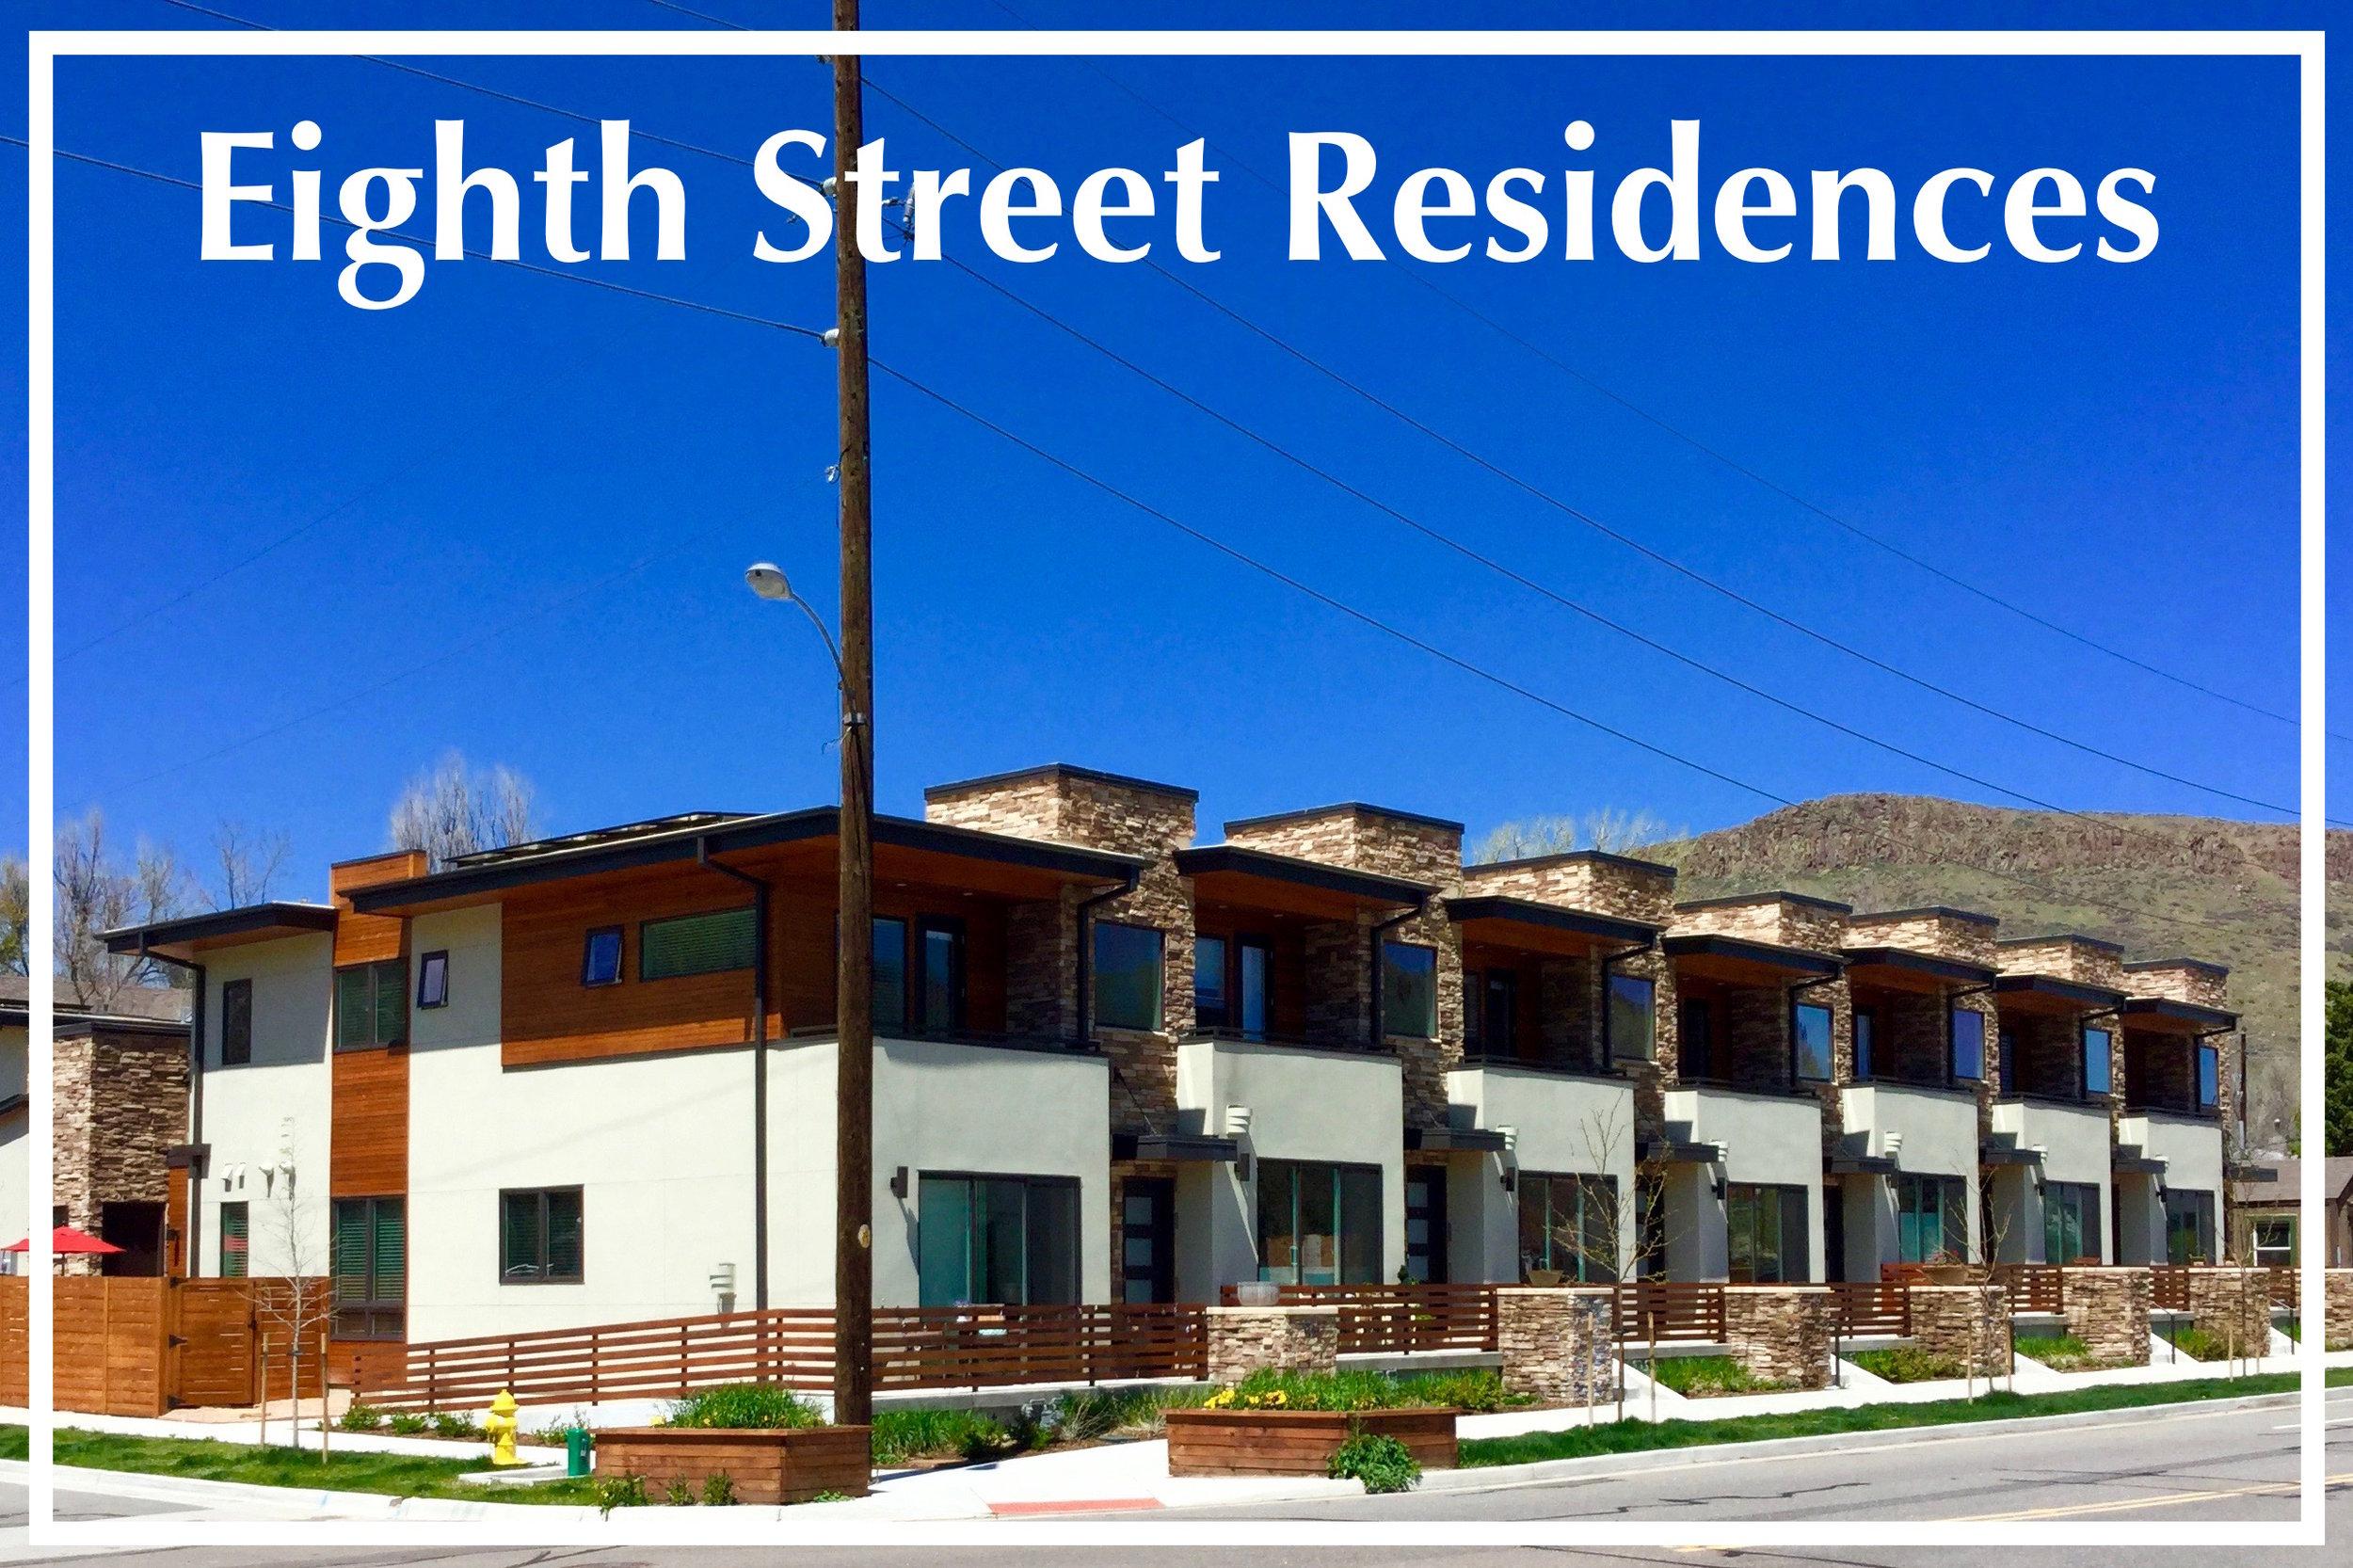 Eighth Street Residences.jpg